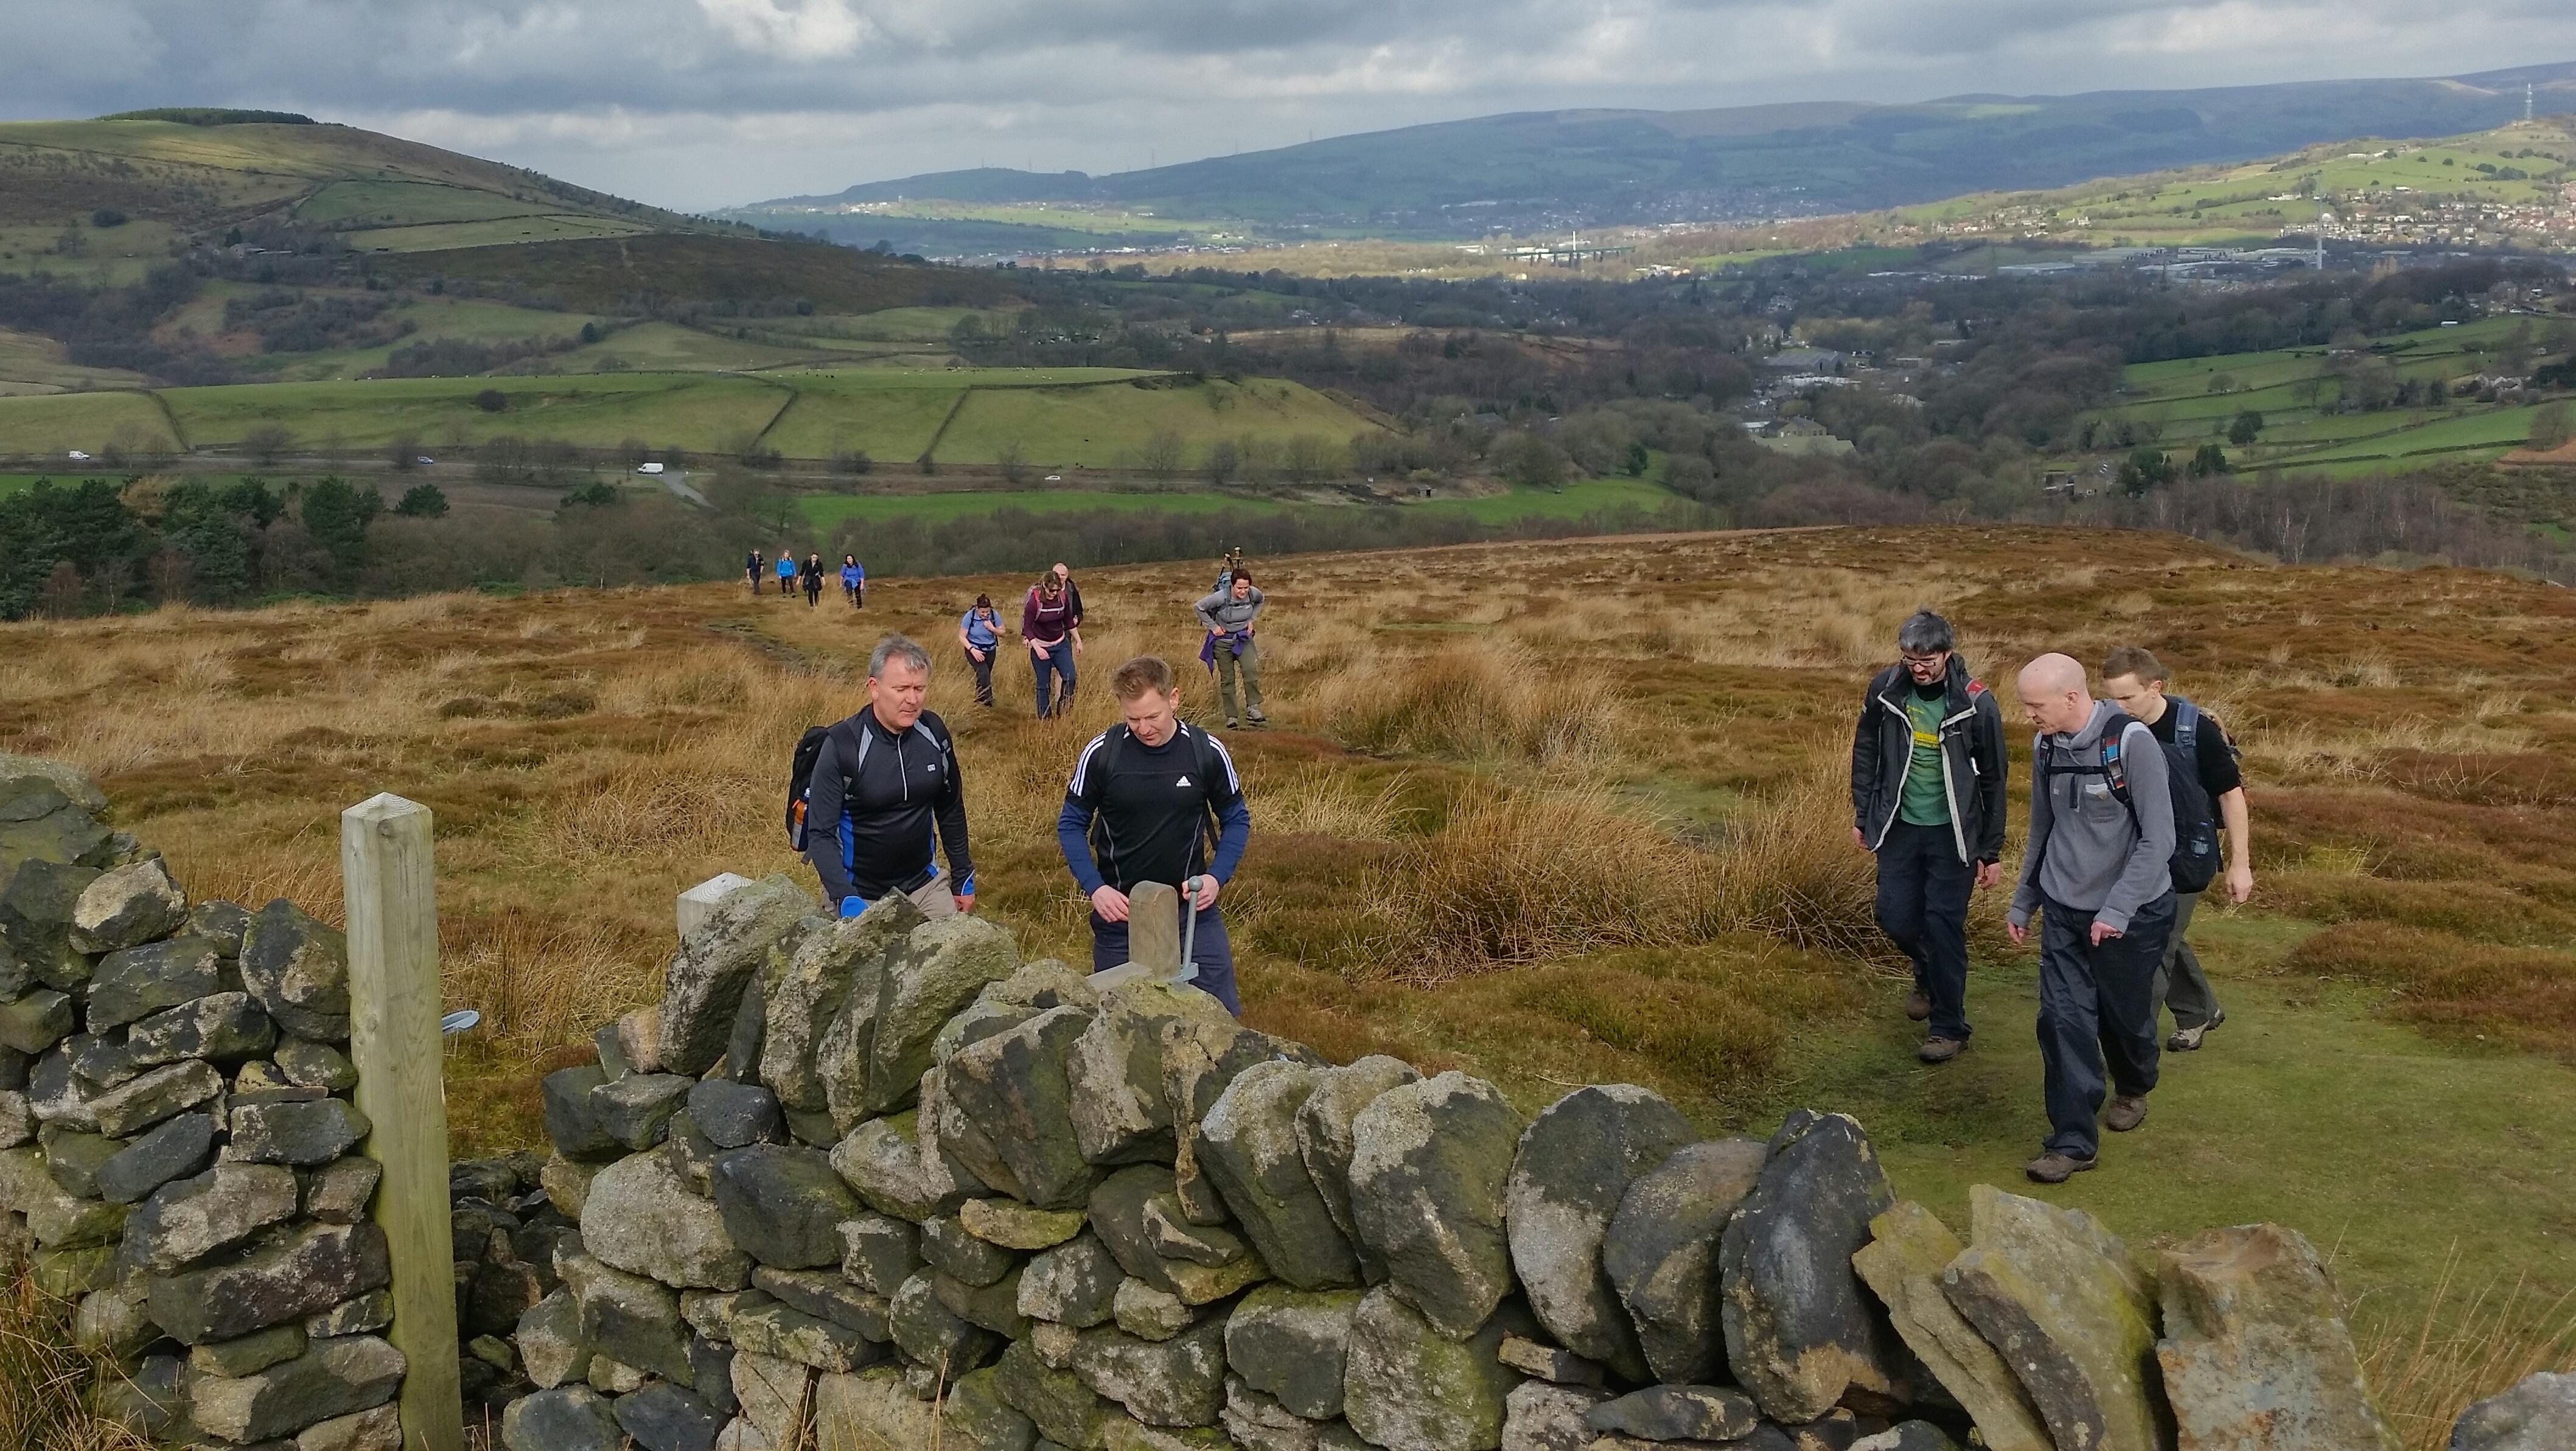 Freshwalks Glossop to Kinder downfall hike dark peak